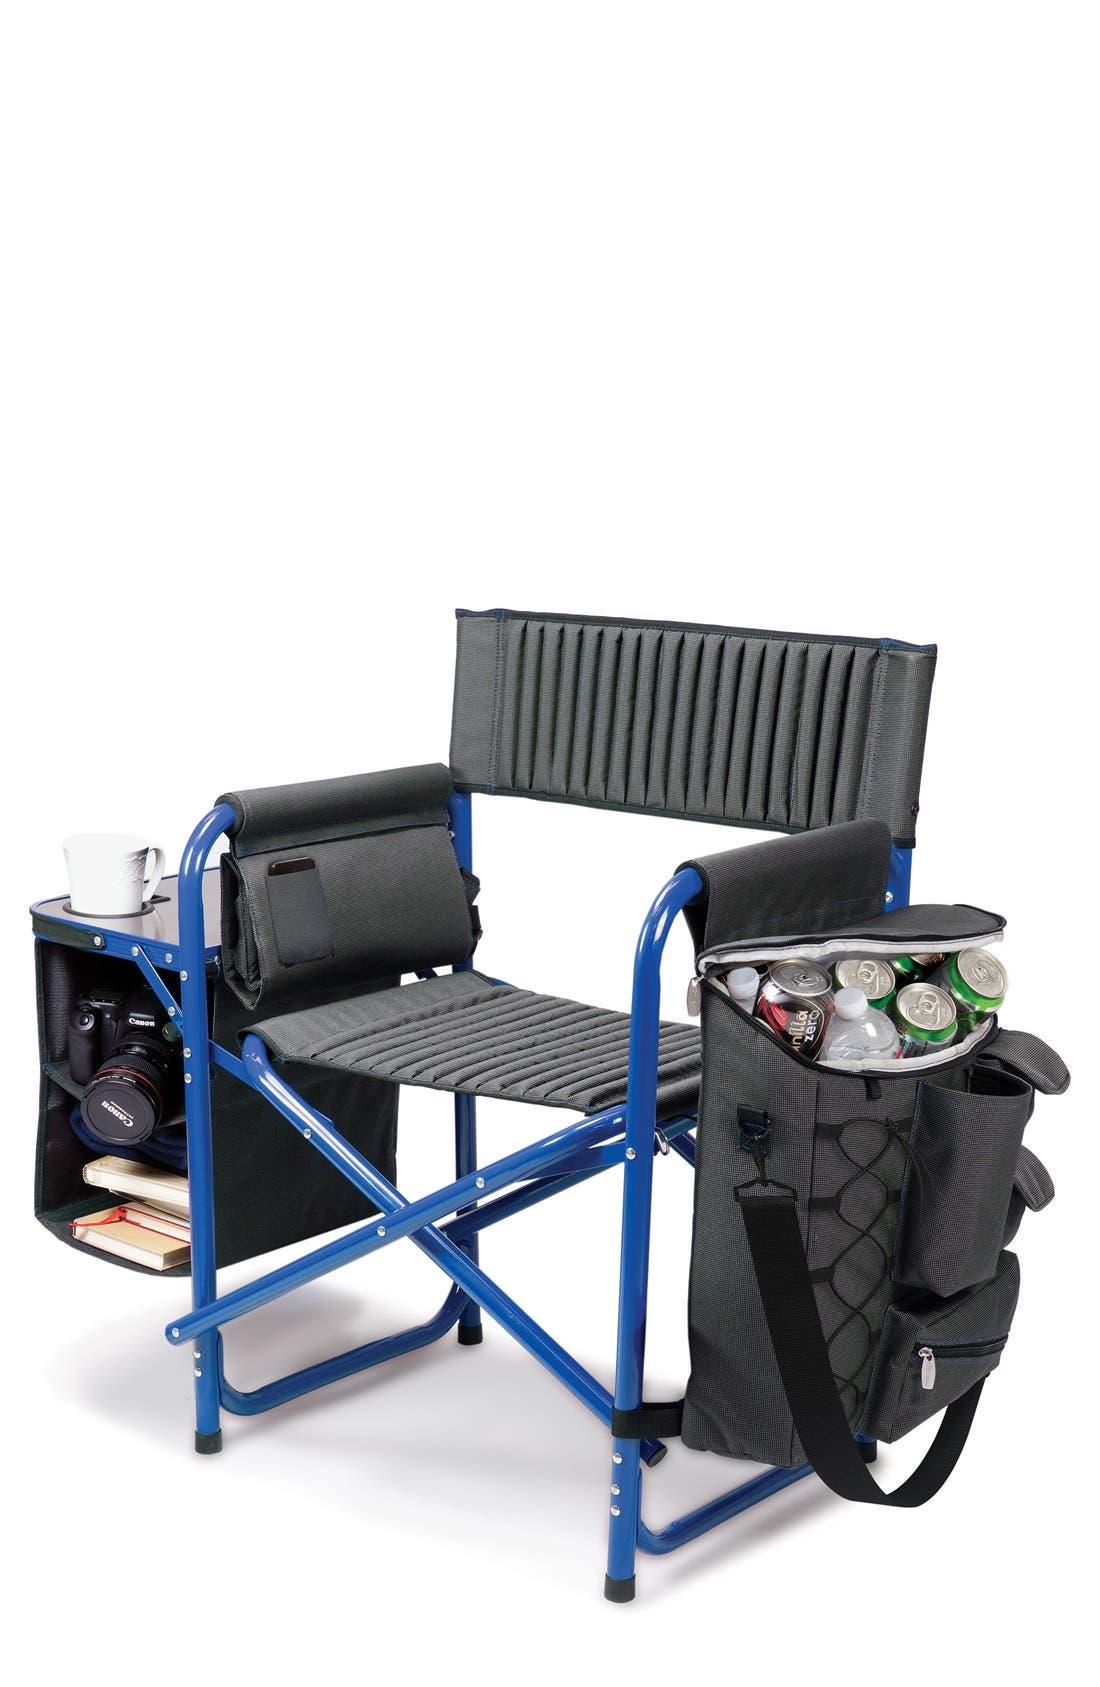 'Fusion' Lawn Chair,                             Main thumbnail 1, color,                             Blue